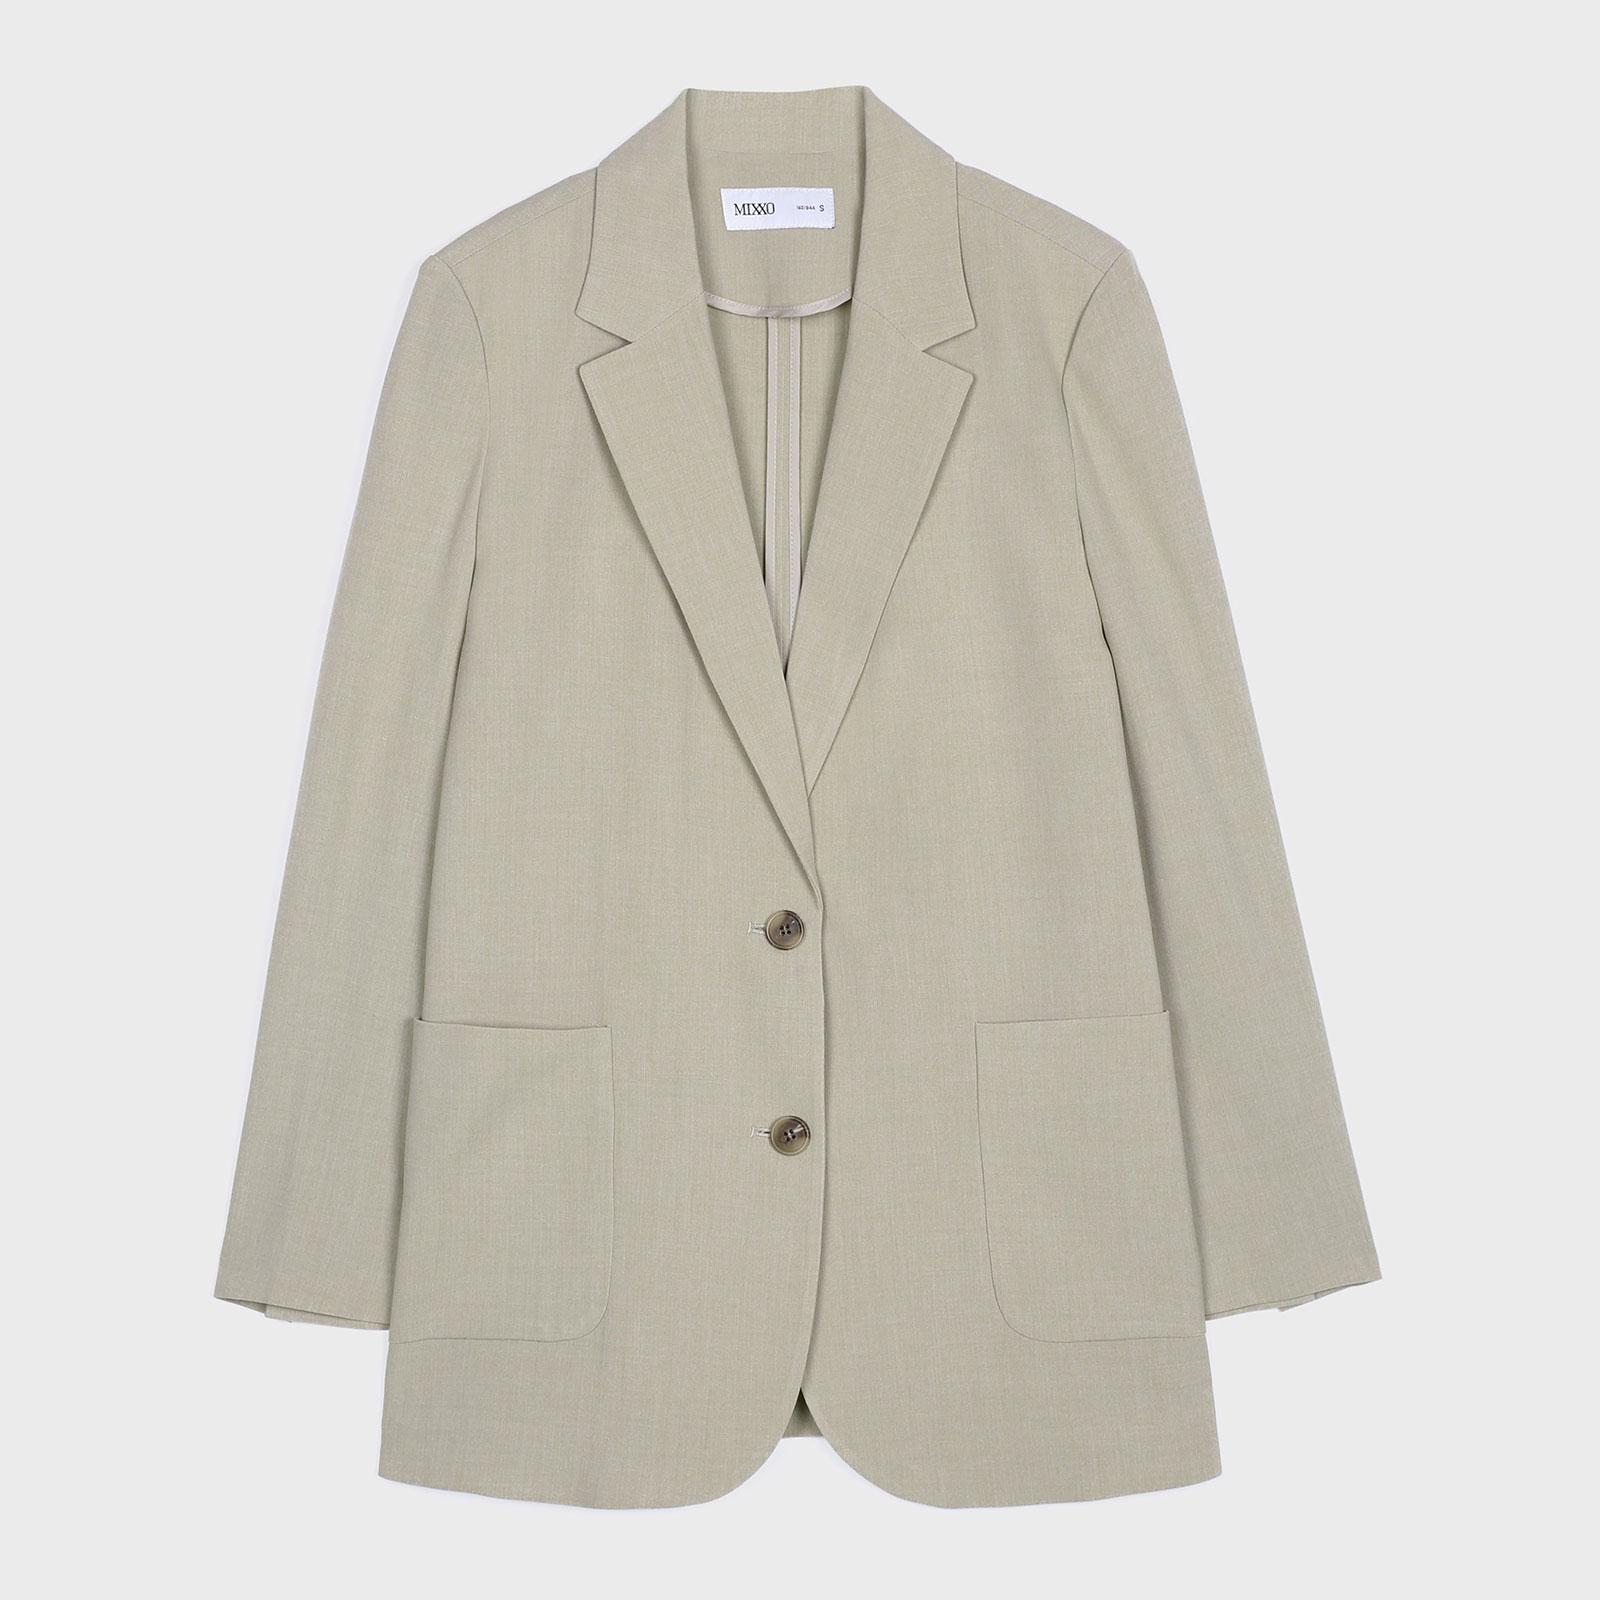 미쏘 여성용 체크 오버핏 싱글 재킷